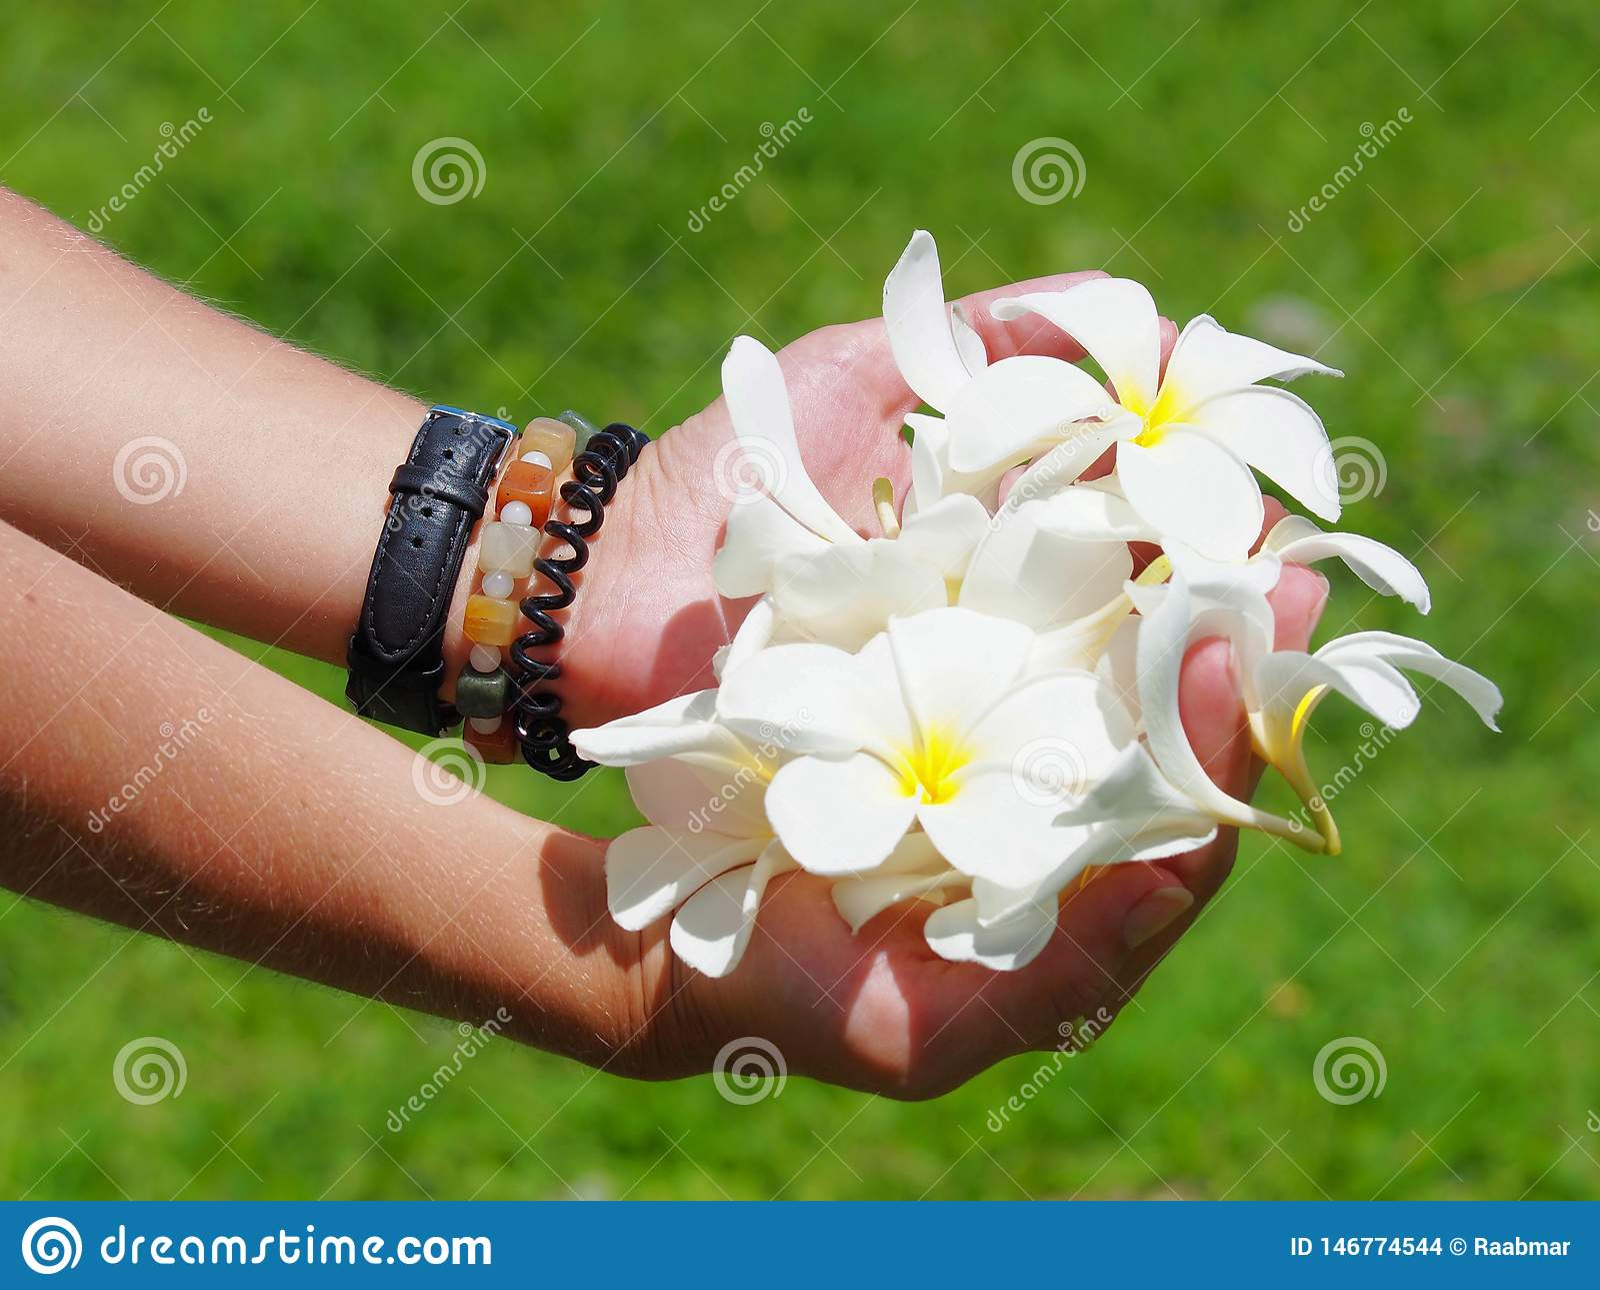 Flores brancas nas mãos que formam uma bacia